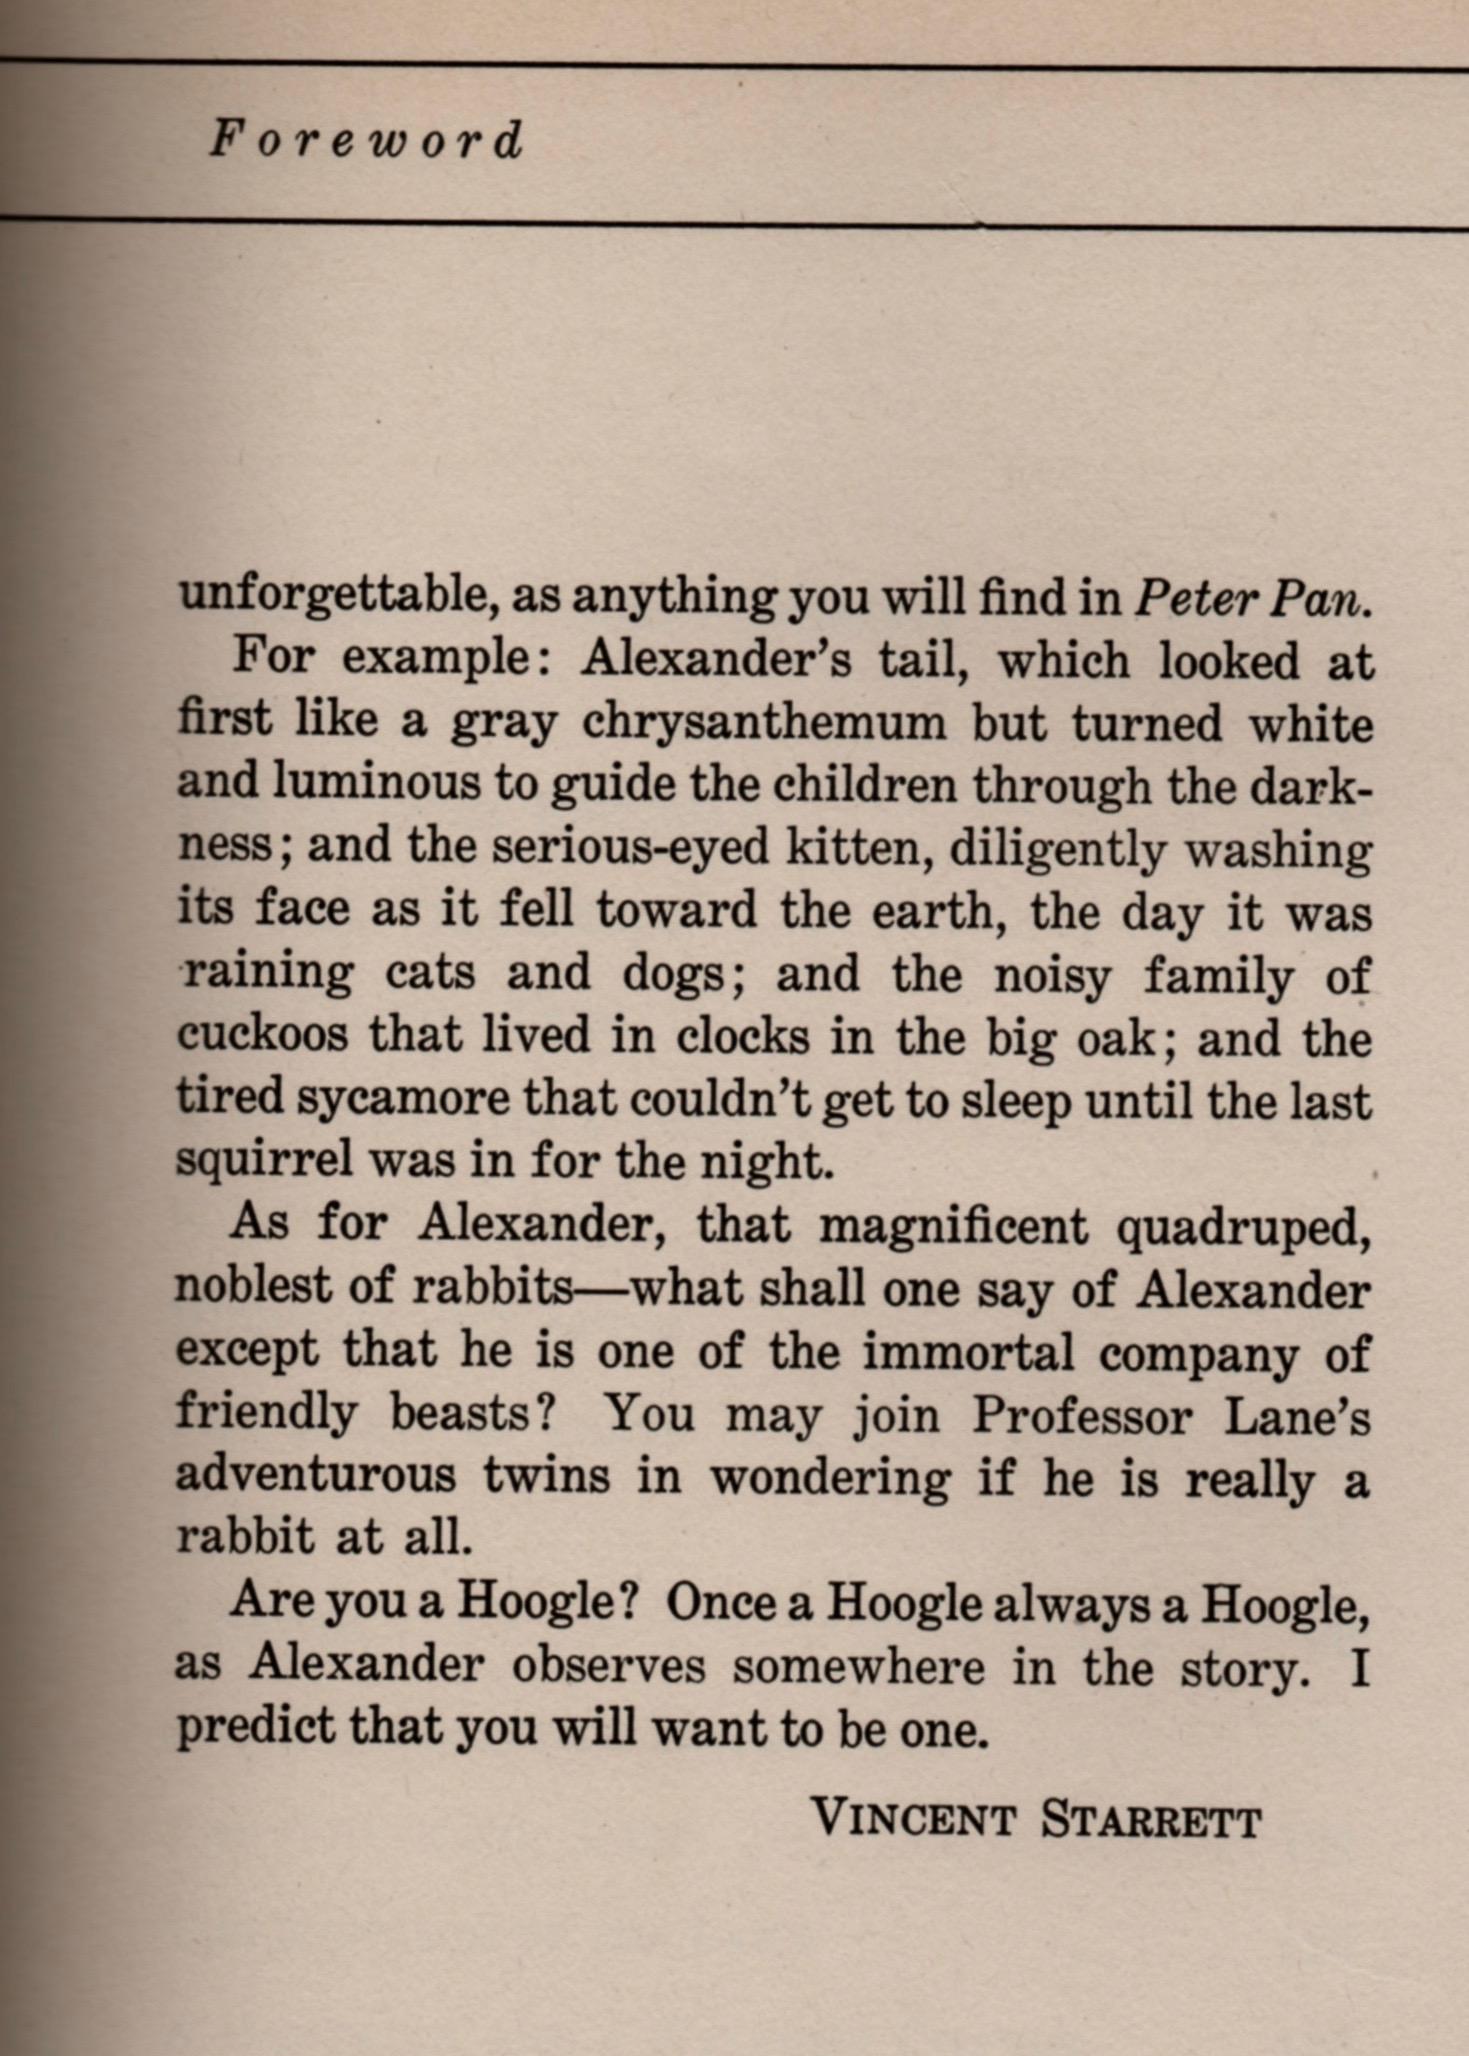 The Hoogles Foreword 3.jpg